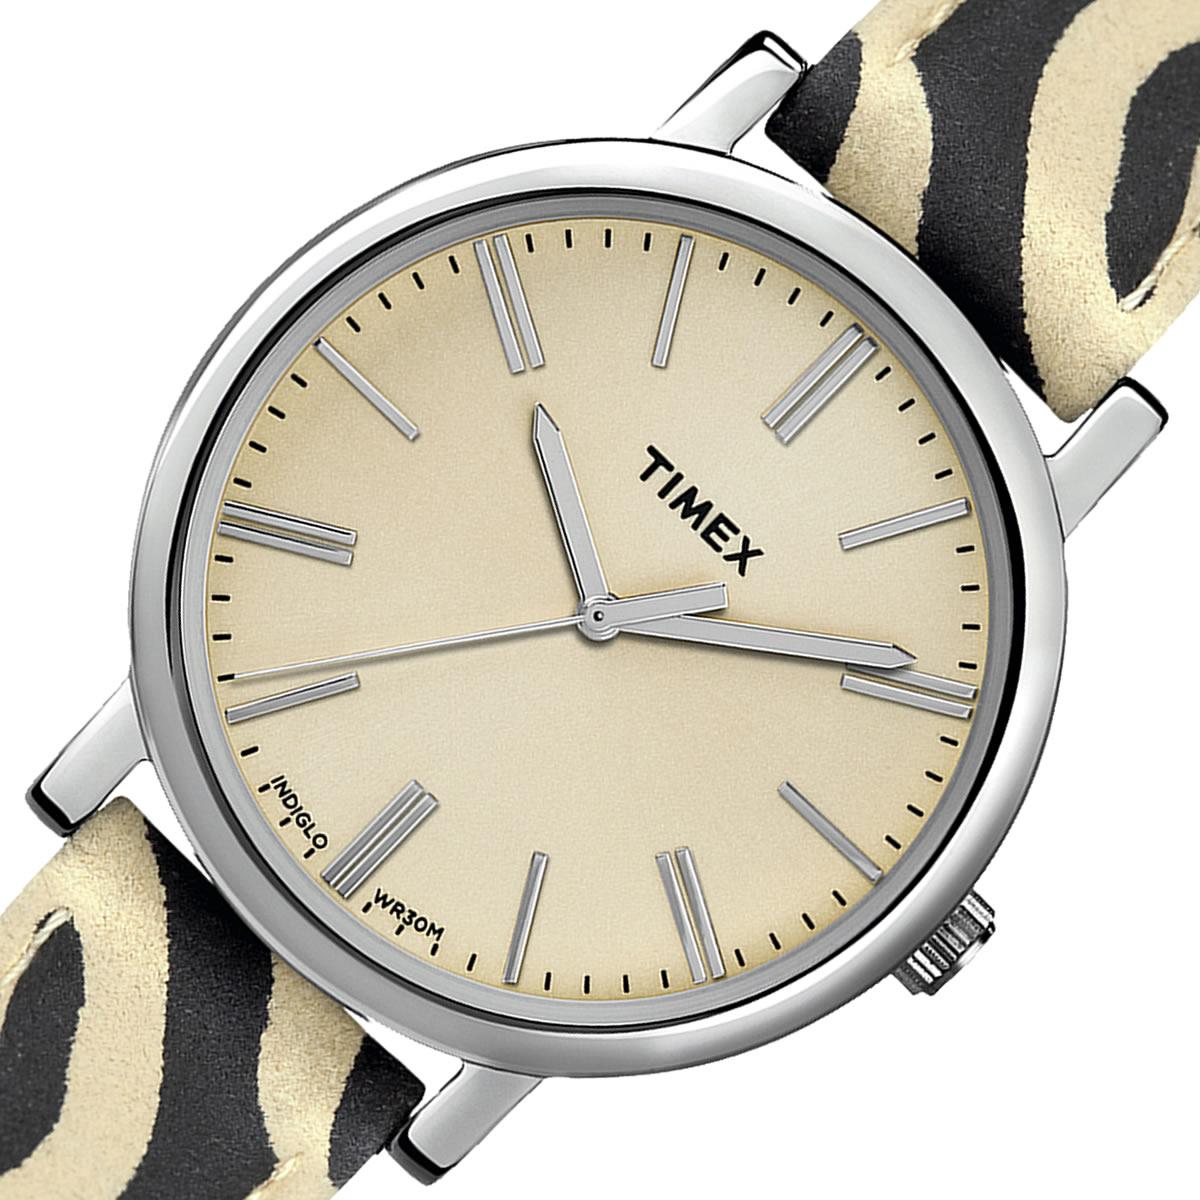 TIMEX Originals   オフホワイトカラーダイアル×ゼブラ柄ベルト TW2P69700